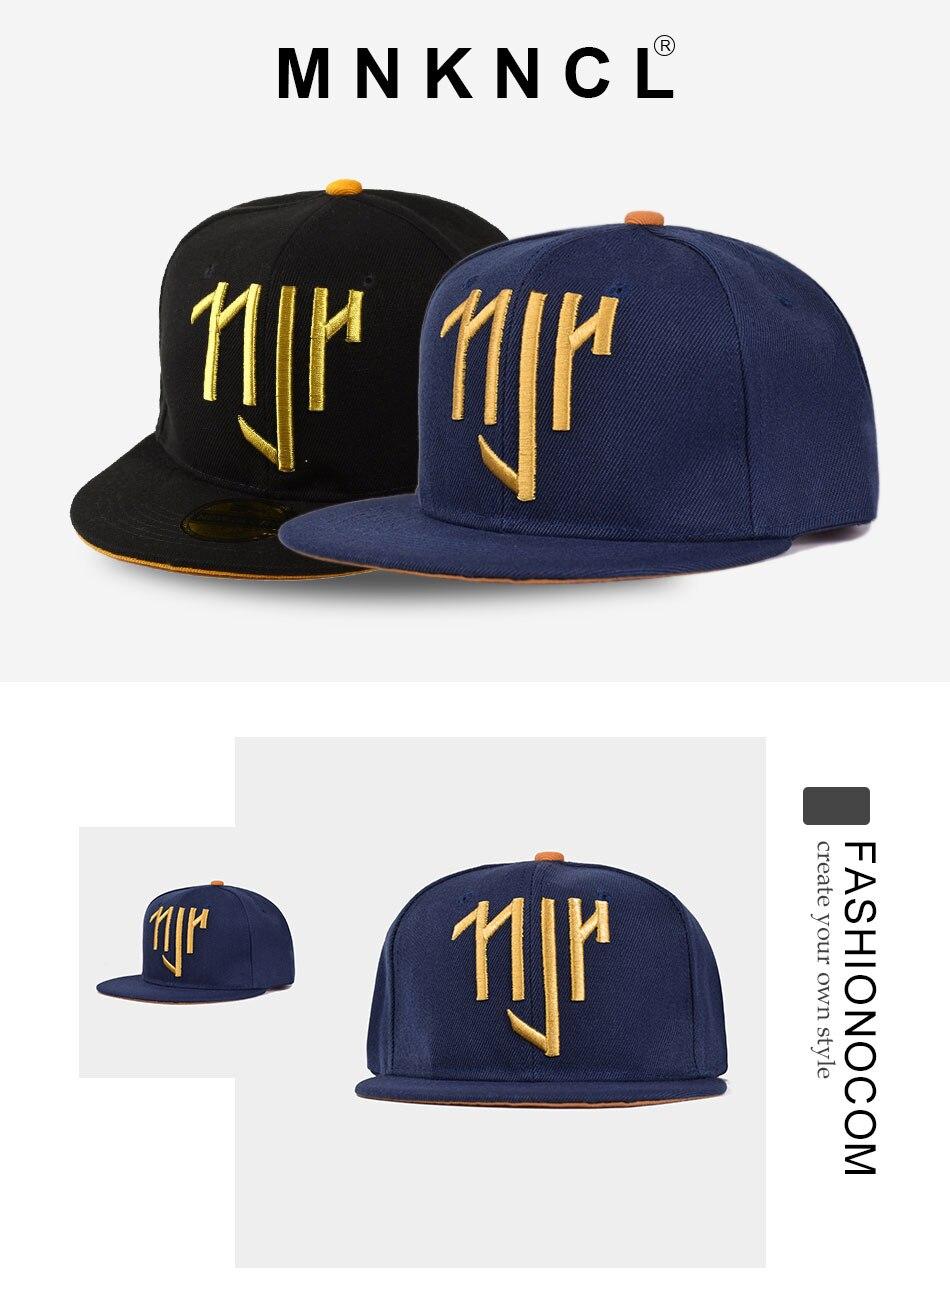 MNKNCL Nouvelle Mode Style Neymar Cap Brasil Casquette de baseball Hanche  Hop Cap Snapback Réglable Chapeau Hip Hop Chapeaux Hommes Femmes Caps dba1542f19ed